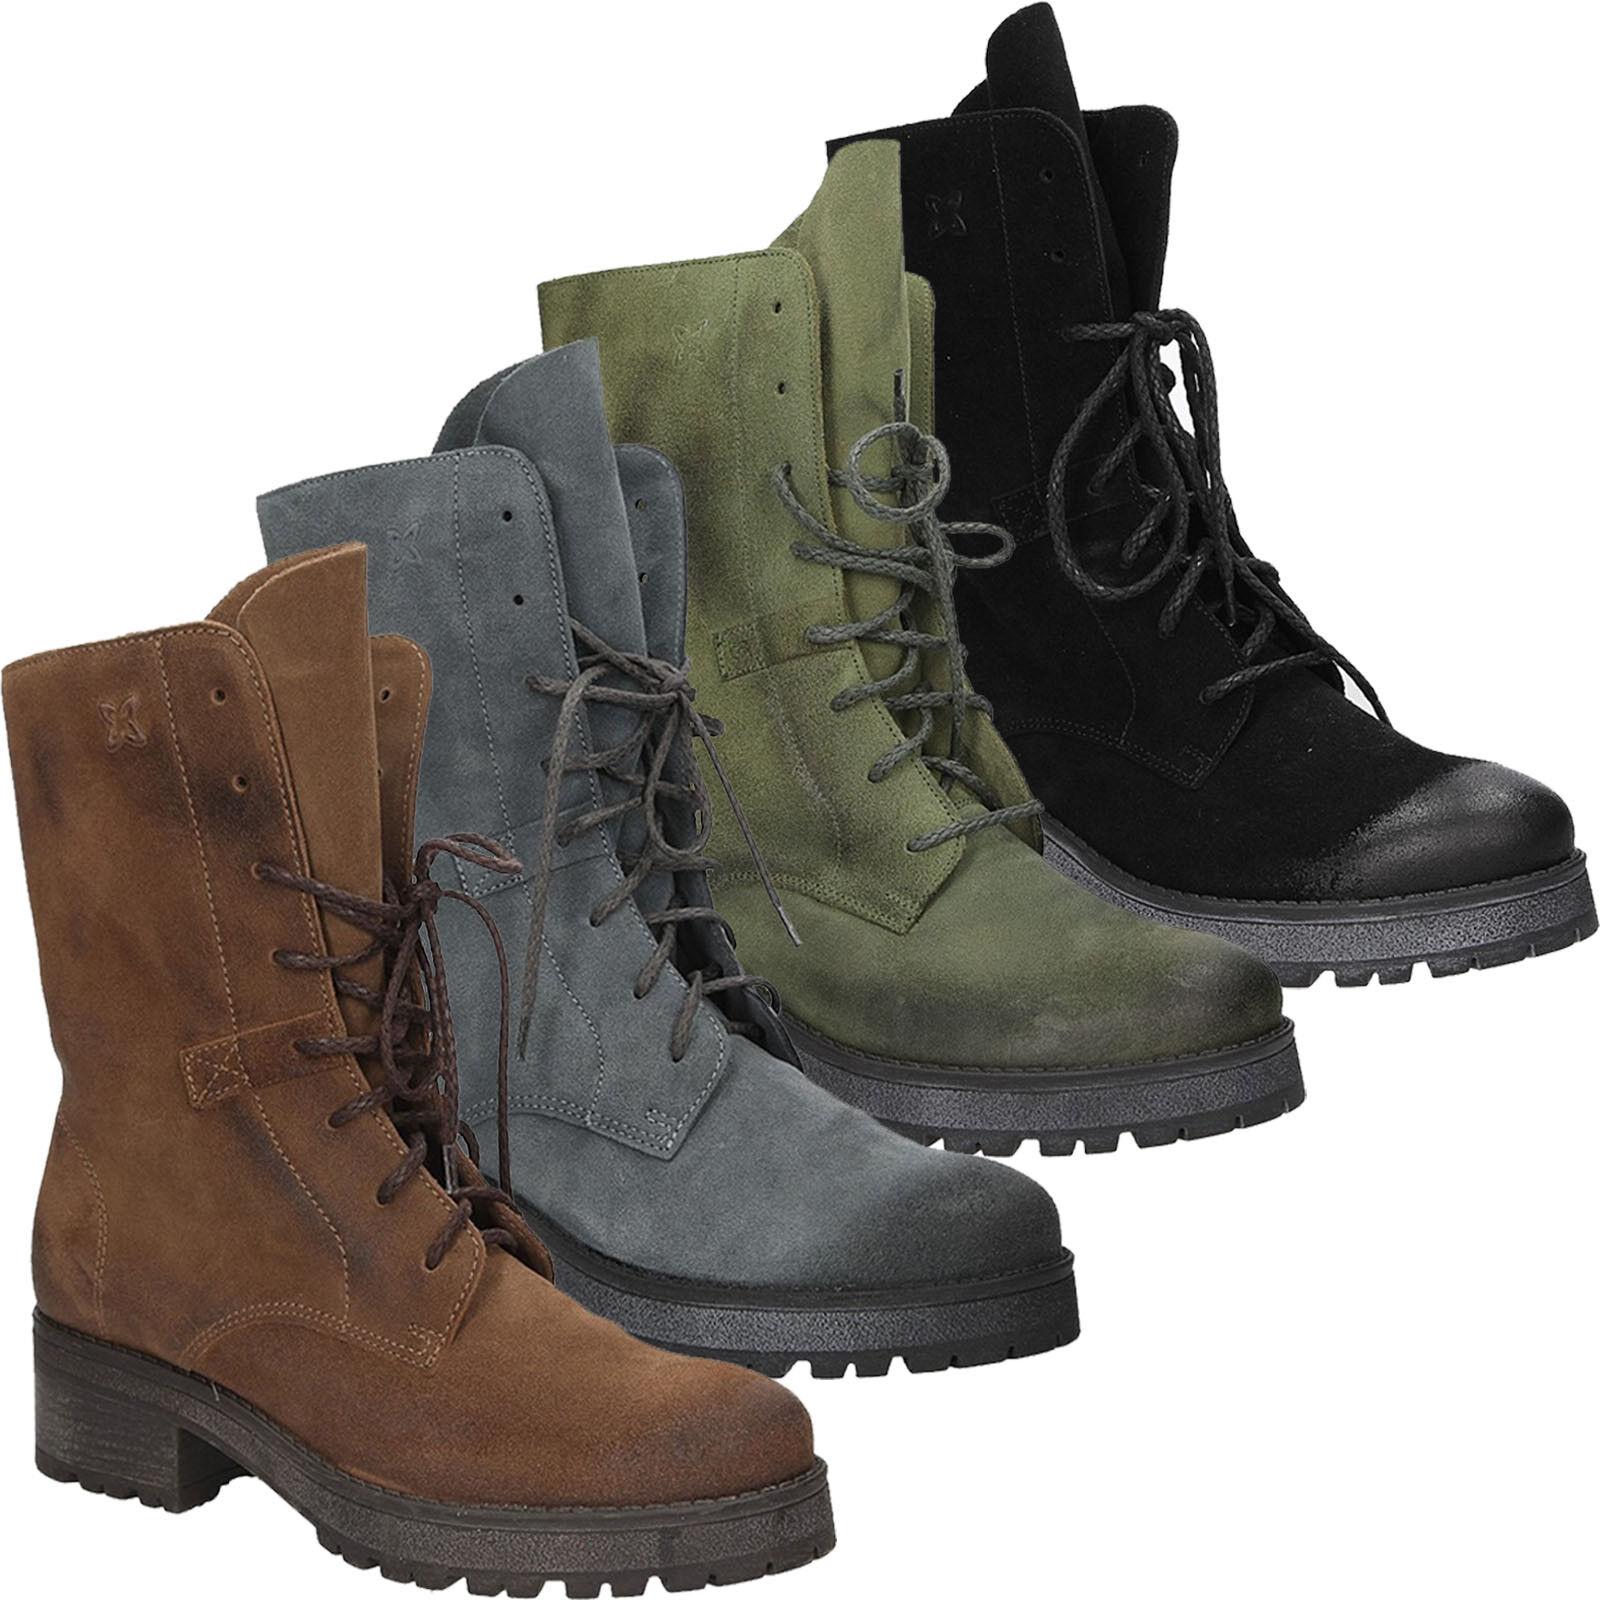 Femmes Bottes véritable cuir maciejka Haut Hiver Femme à La Mode Chaussures Taille 36-41 Neuf